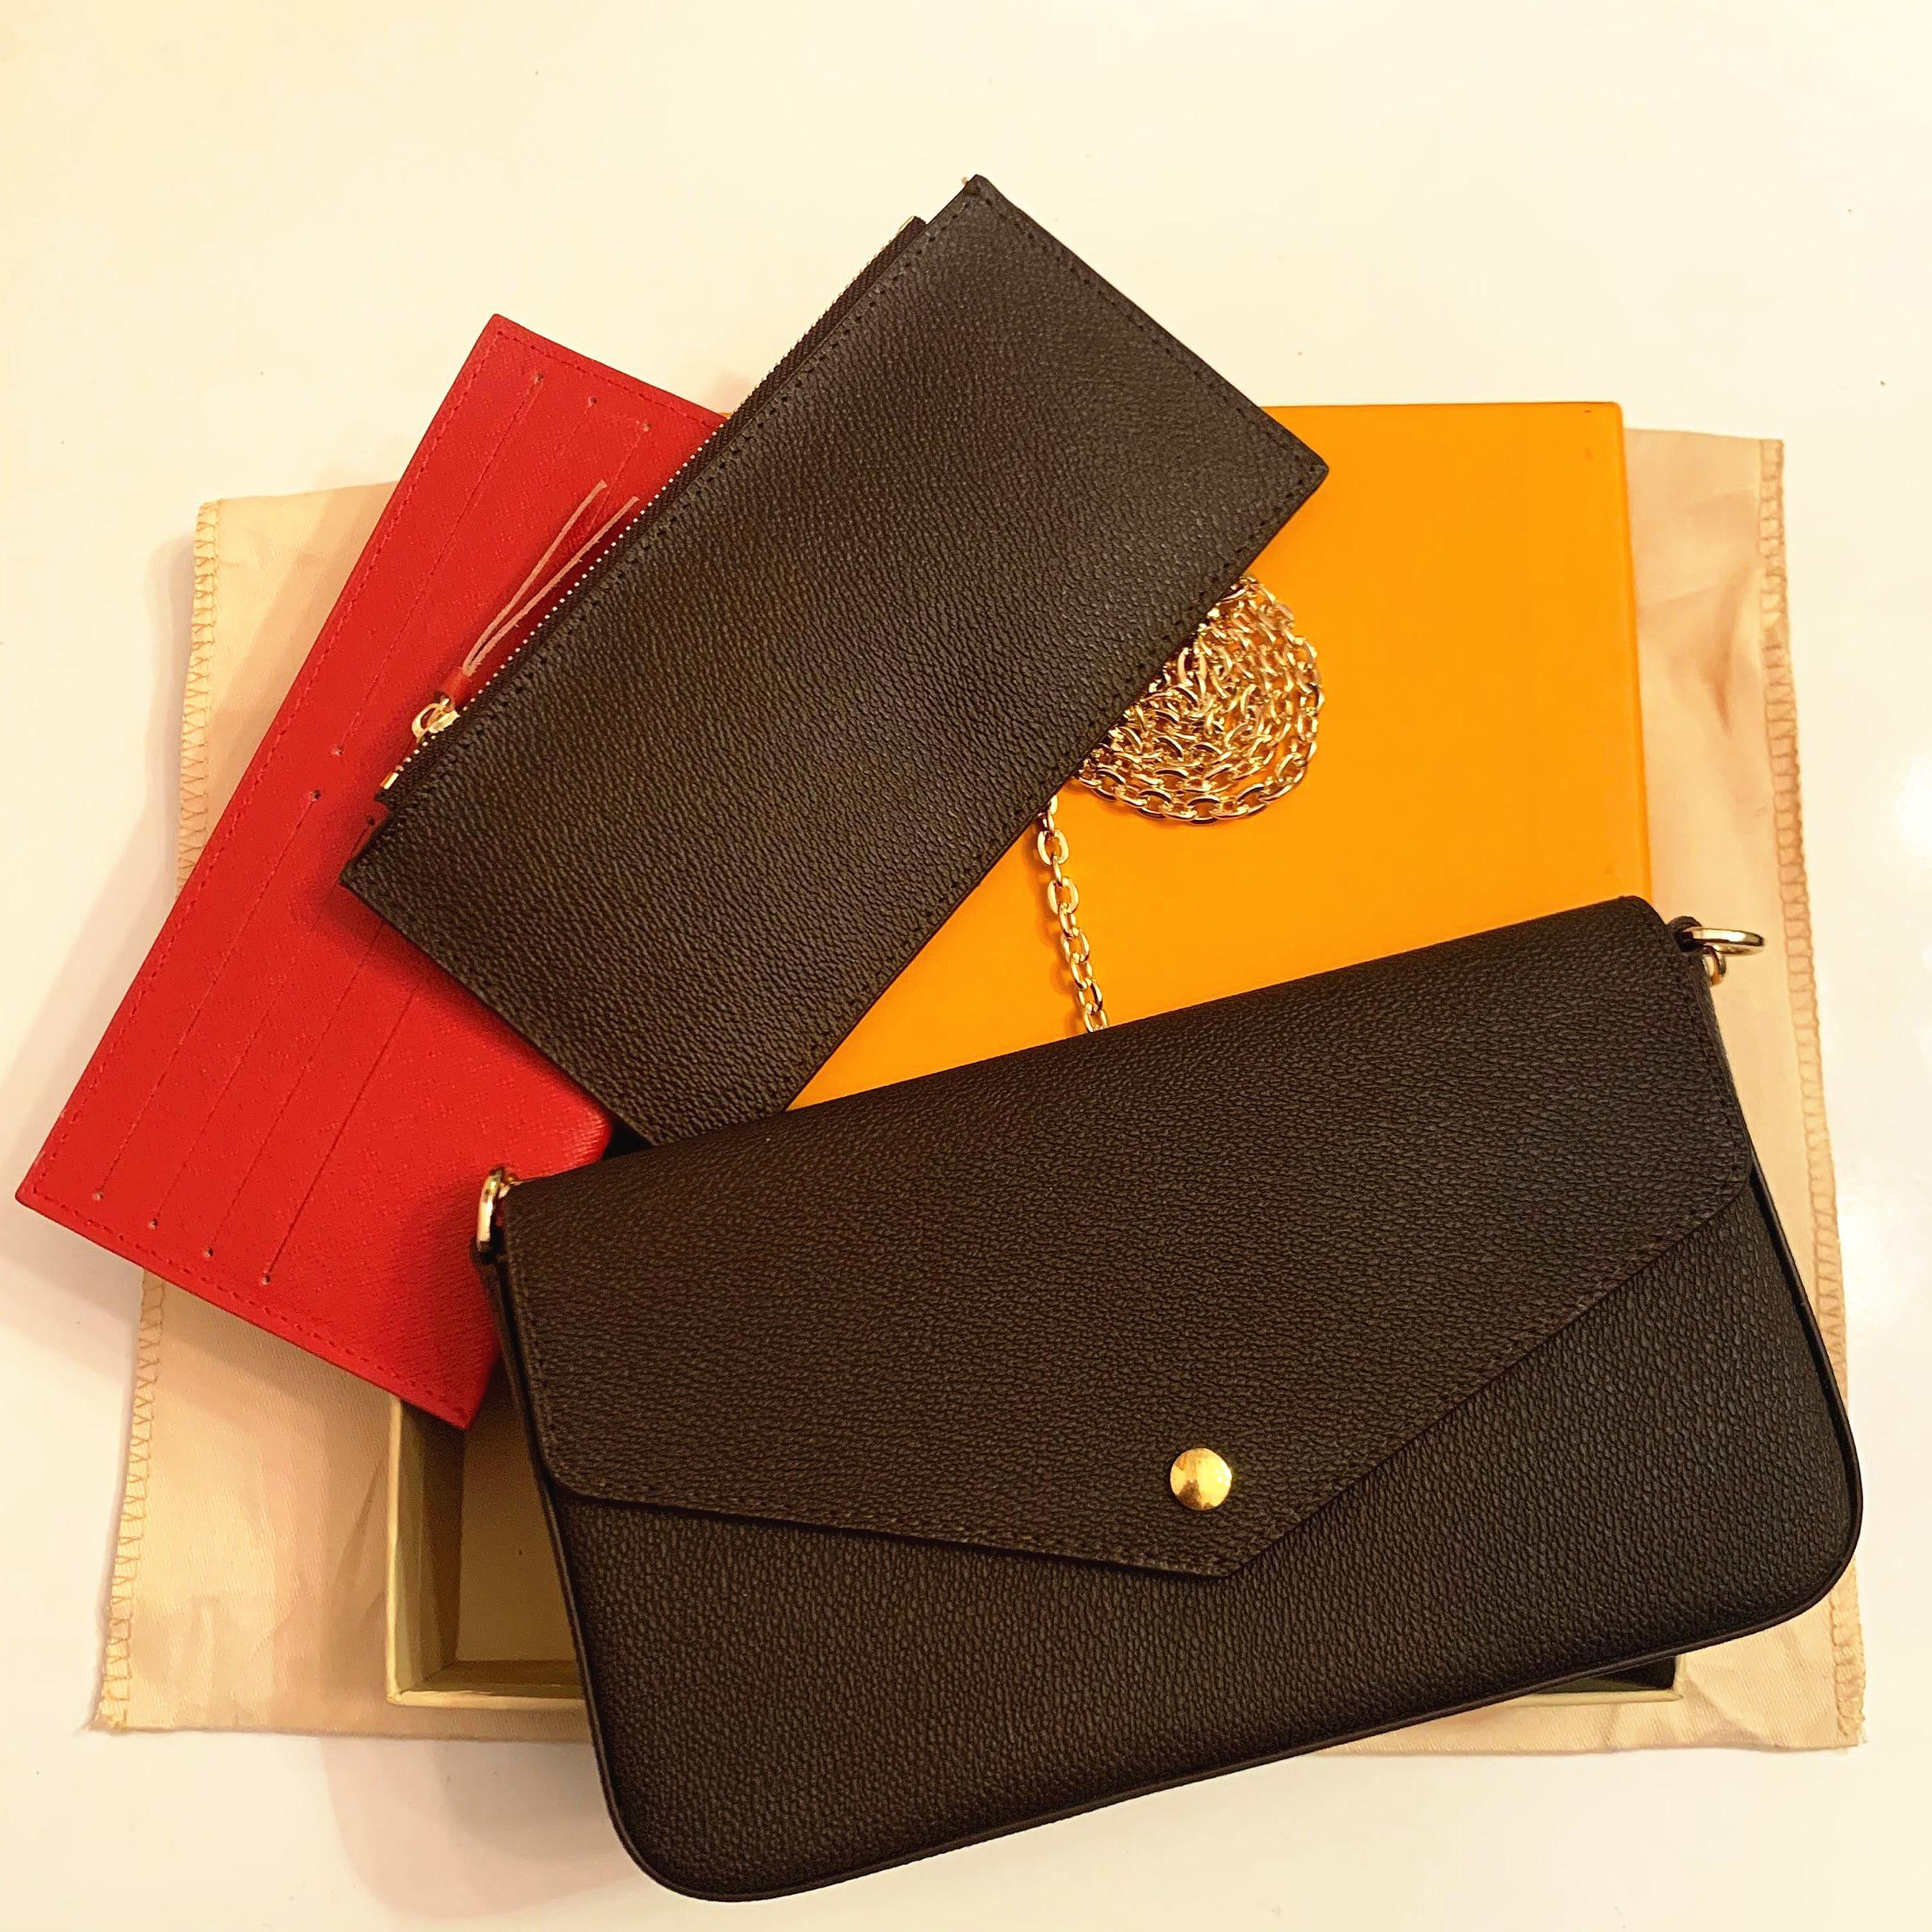 Yeni Luxurys Tasarımcılar Çantalar Çantalar Çanta Moda Kadınlar Omuz Çantaları Yüksek Kalite Üç Parçalı Kombinasyon Çanta 21 * 11 * 2 cm 61276 Kutusu